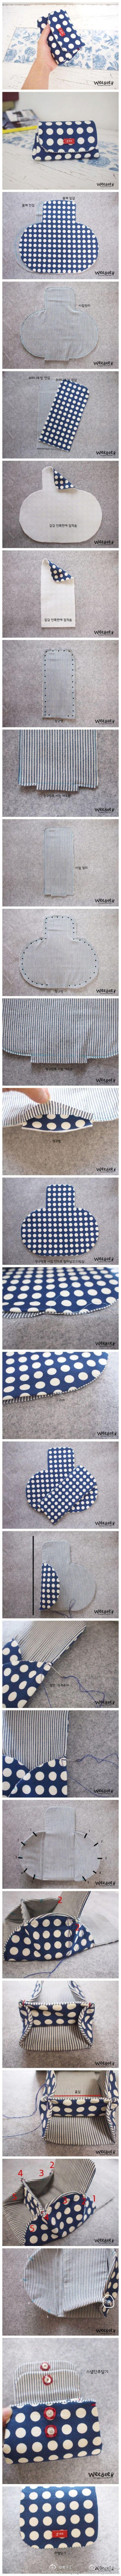 Двойной кошелек-клатч --DIY руководство> матерчатые мешки